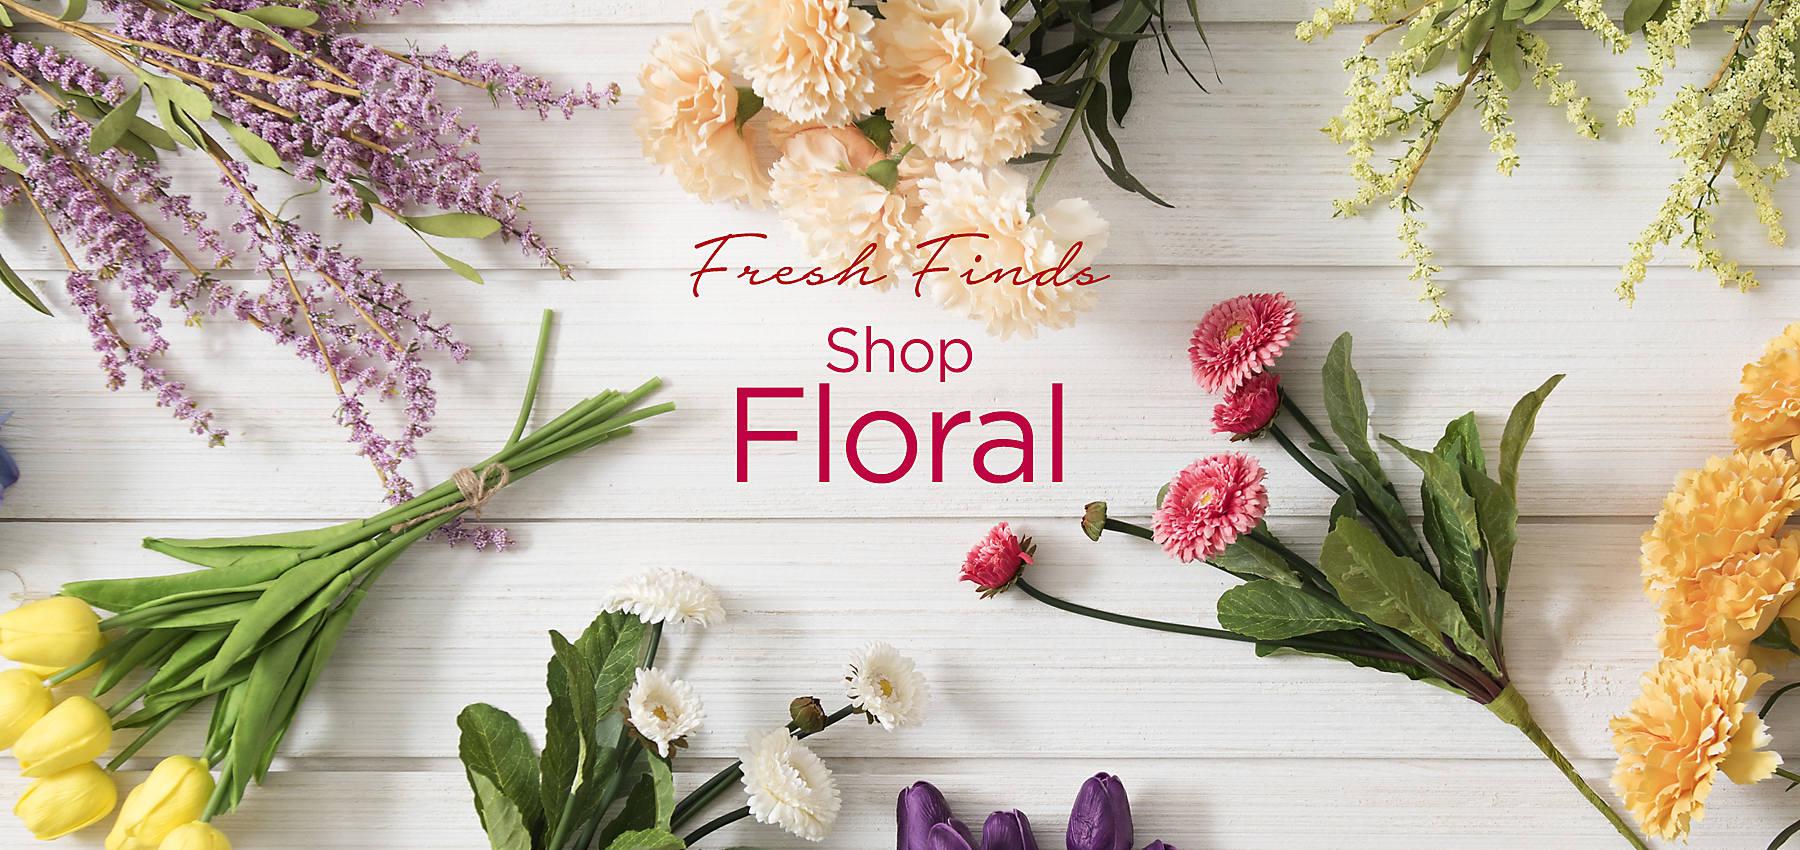 Fresh Finds - Shop Floral